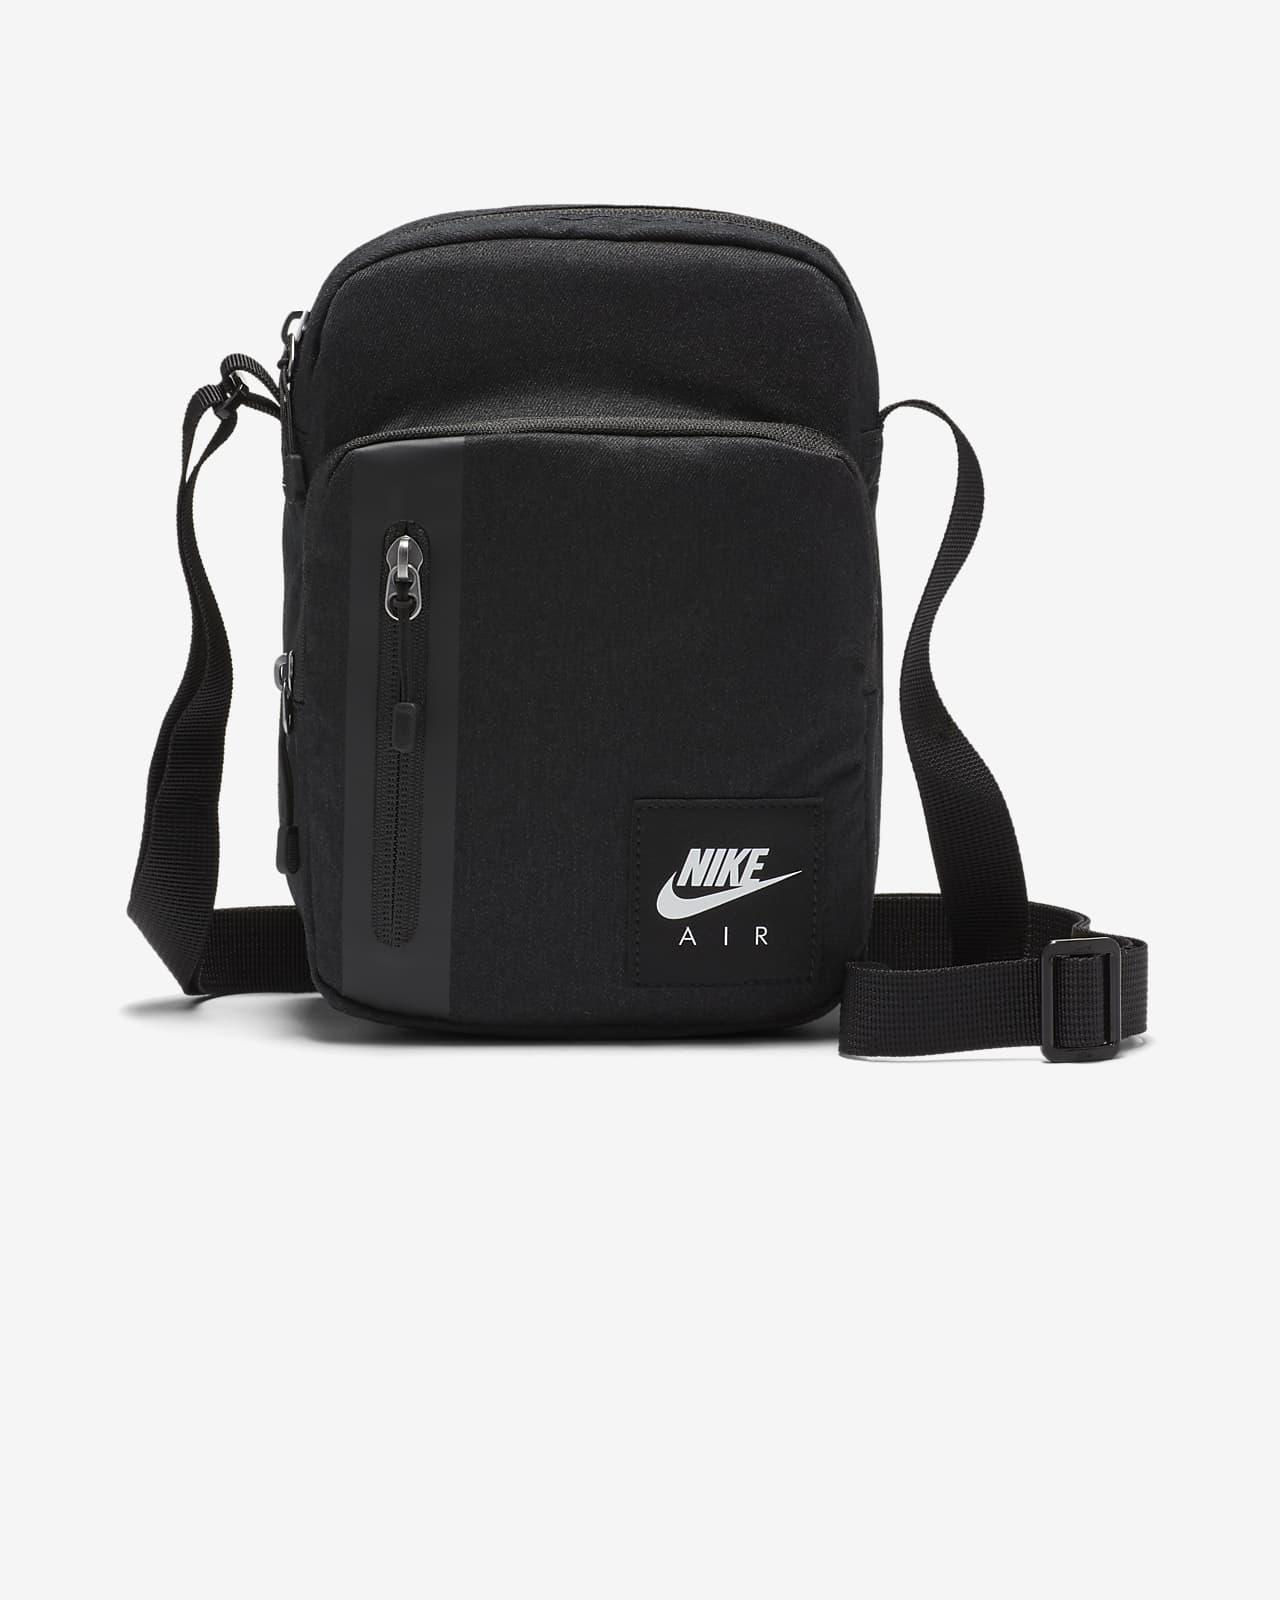 Saco para objetos pequenos Nike Air